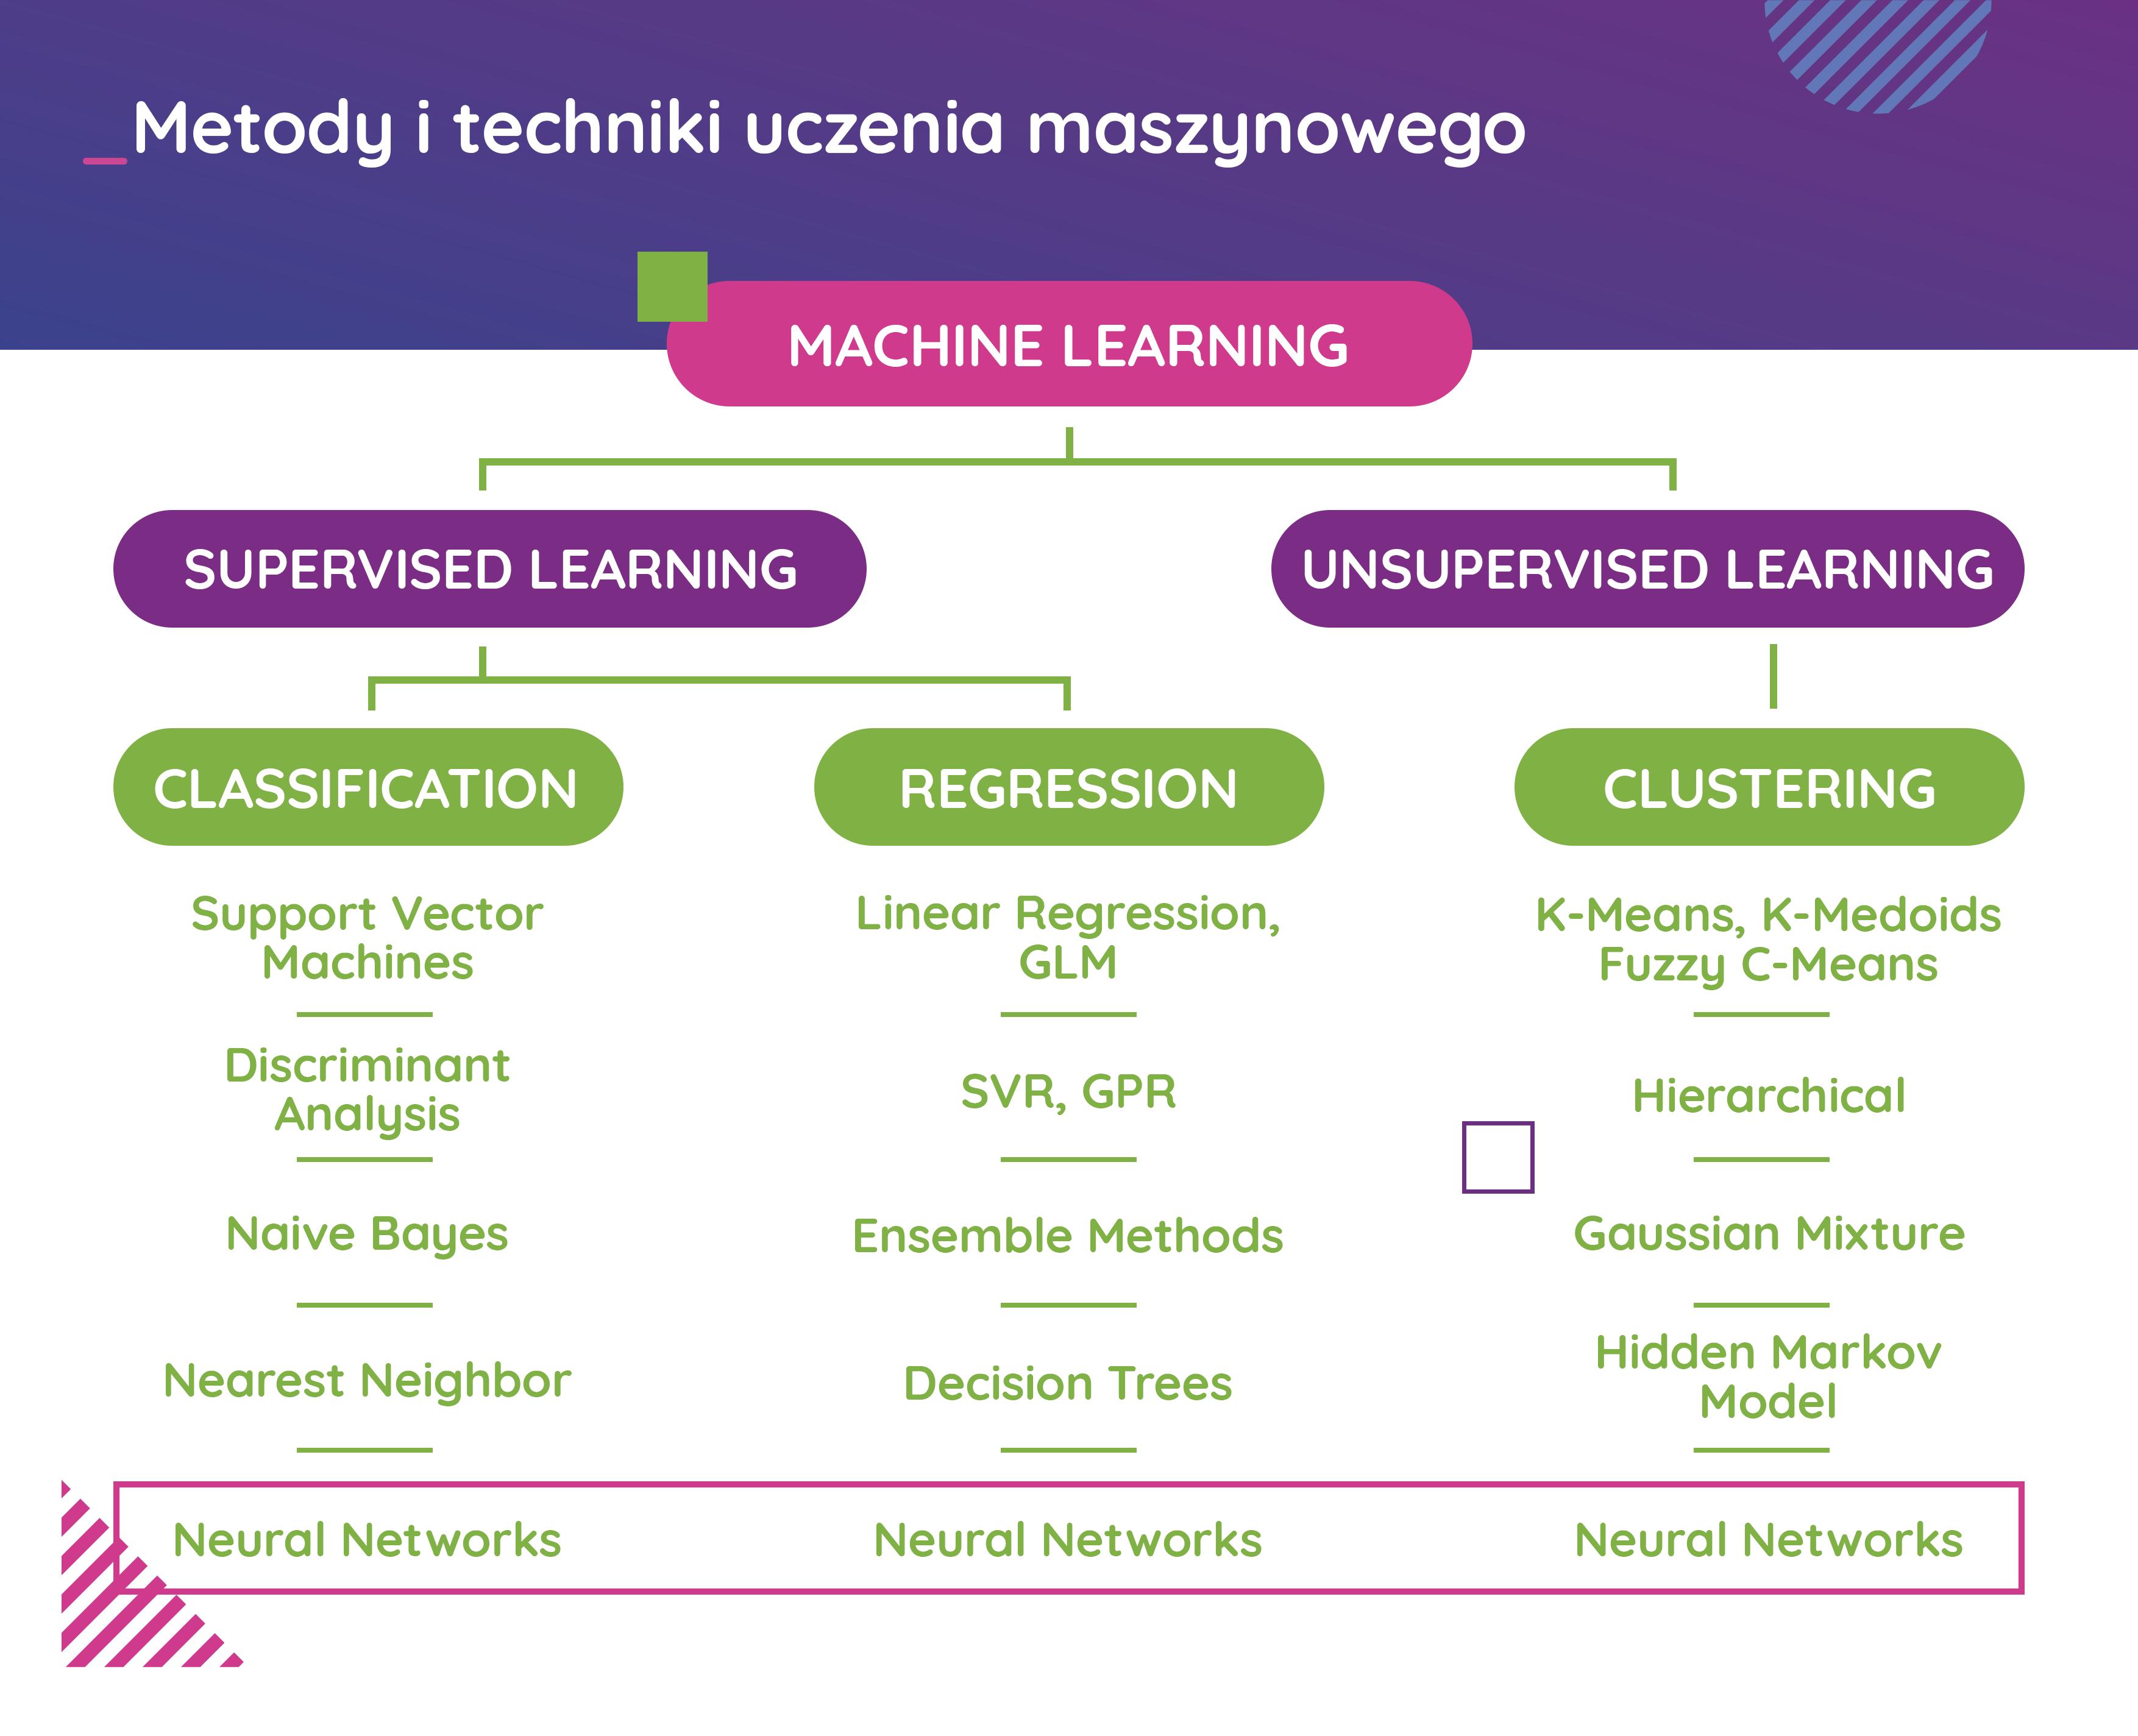 Metody i techniki uczenia maszynowego